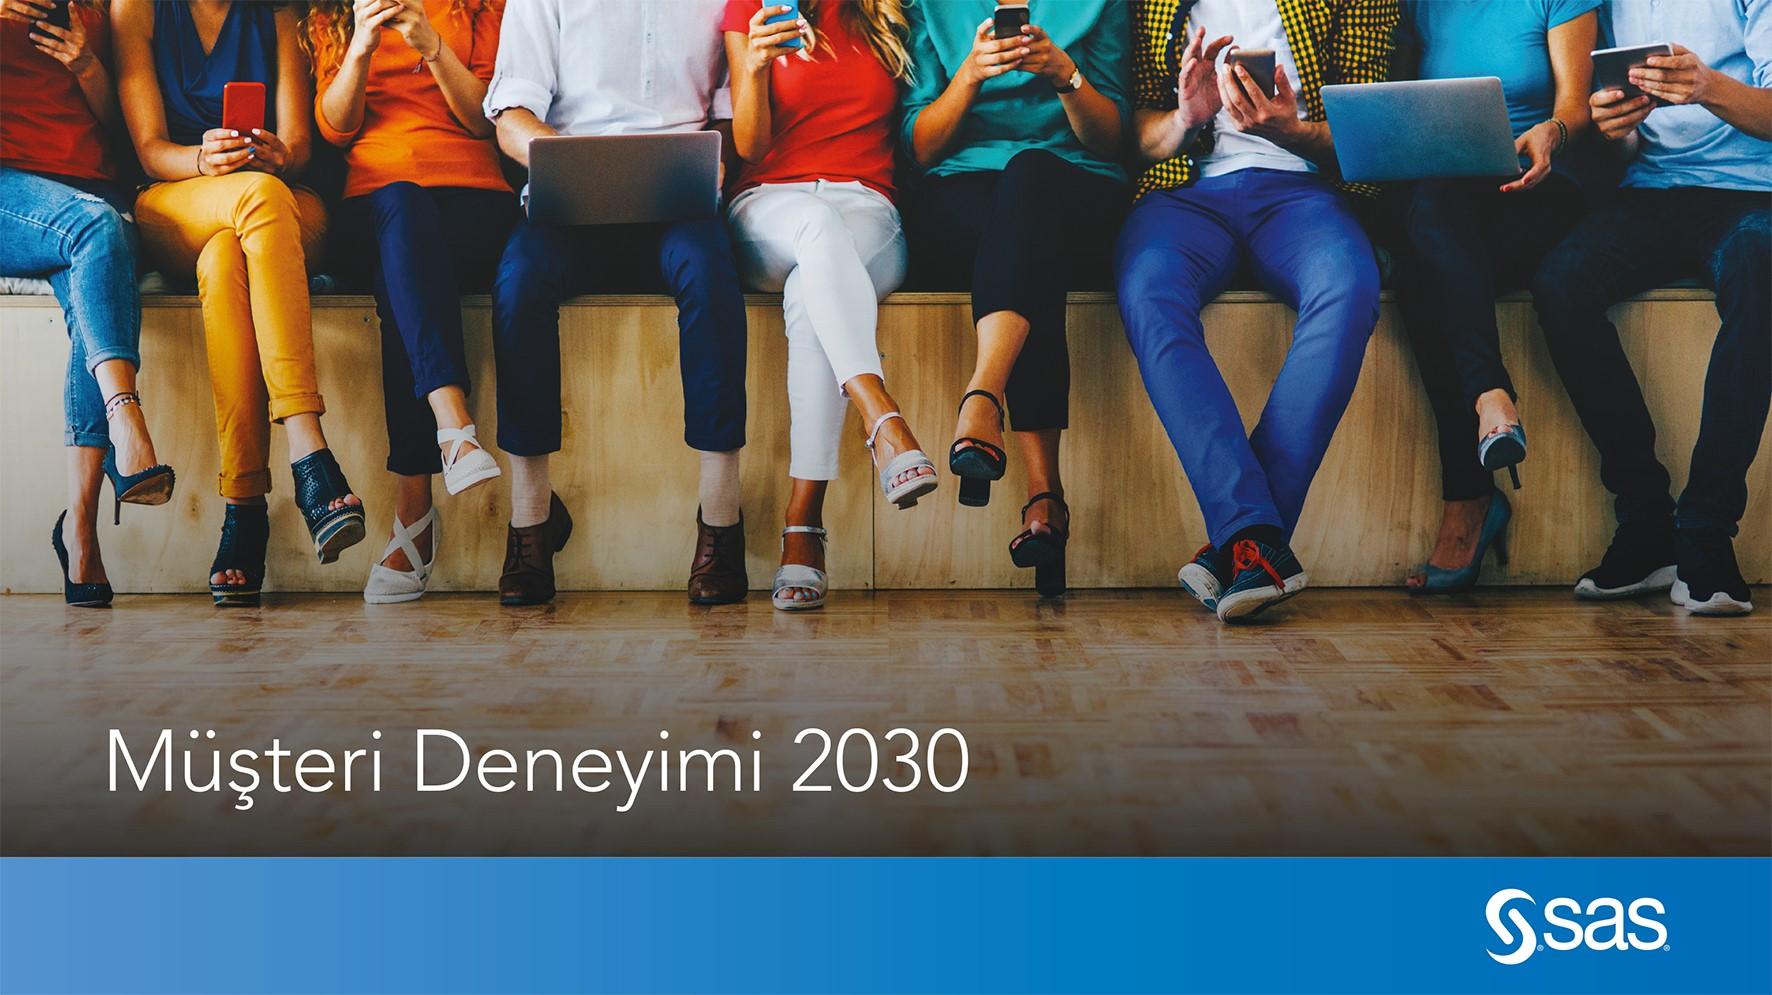 2030'da Müşteri Deneyimi Nasıl Olacak?